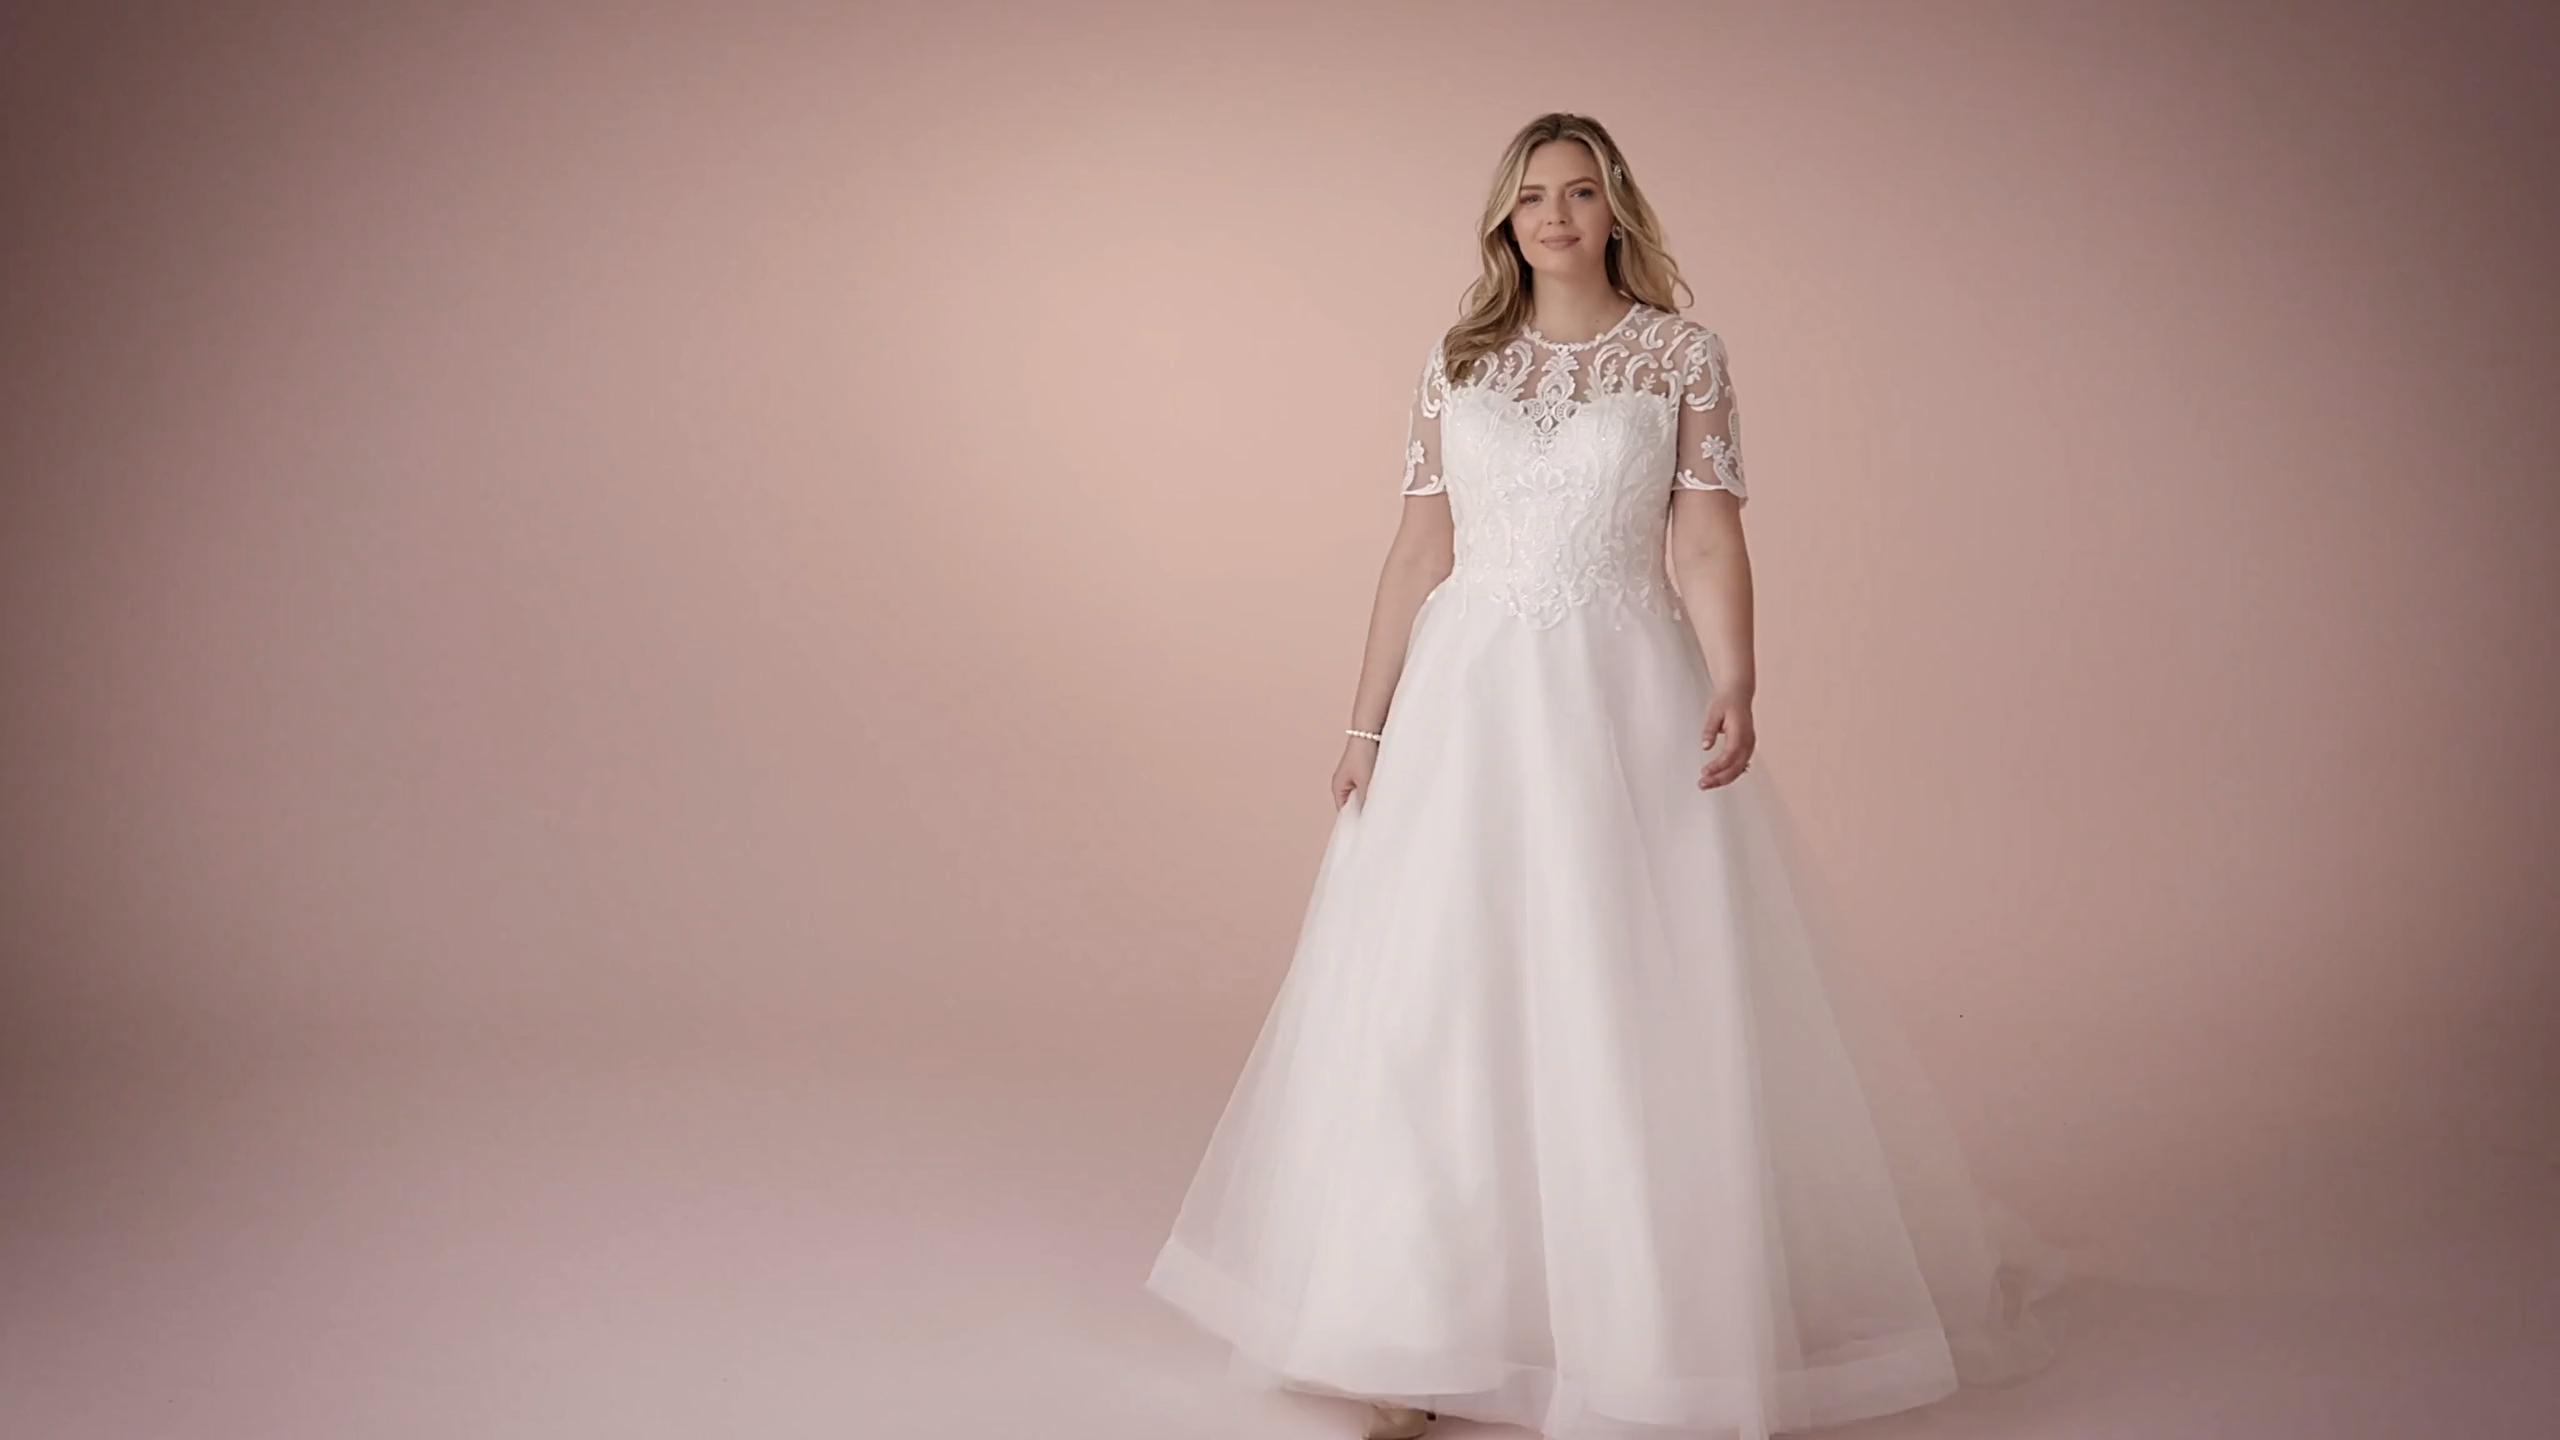 A Princess Wedding Dress With Elegant Details, This Slim A